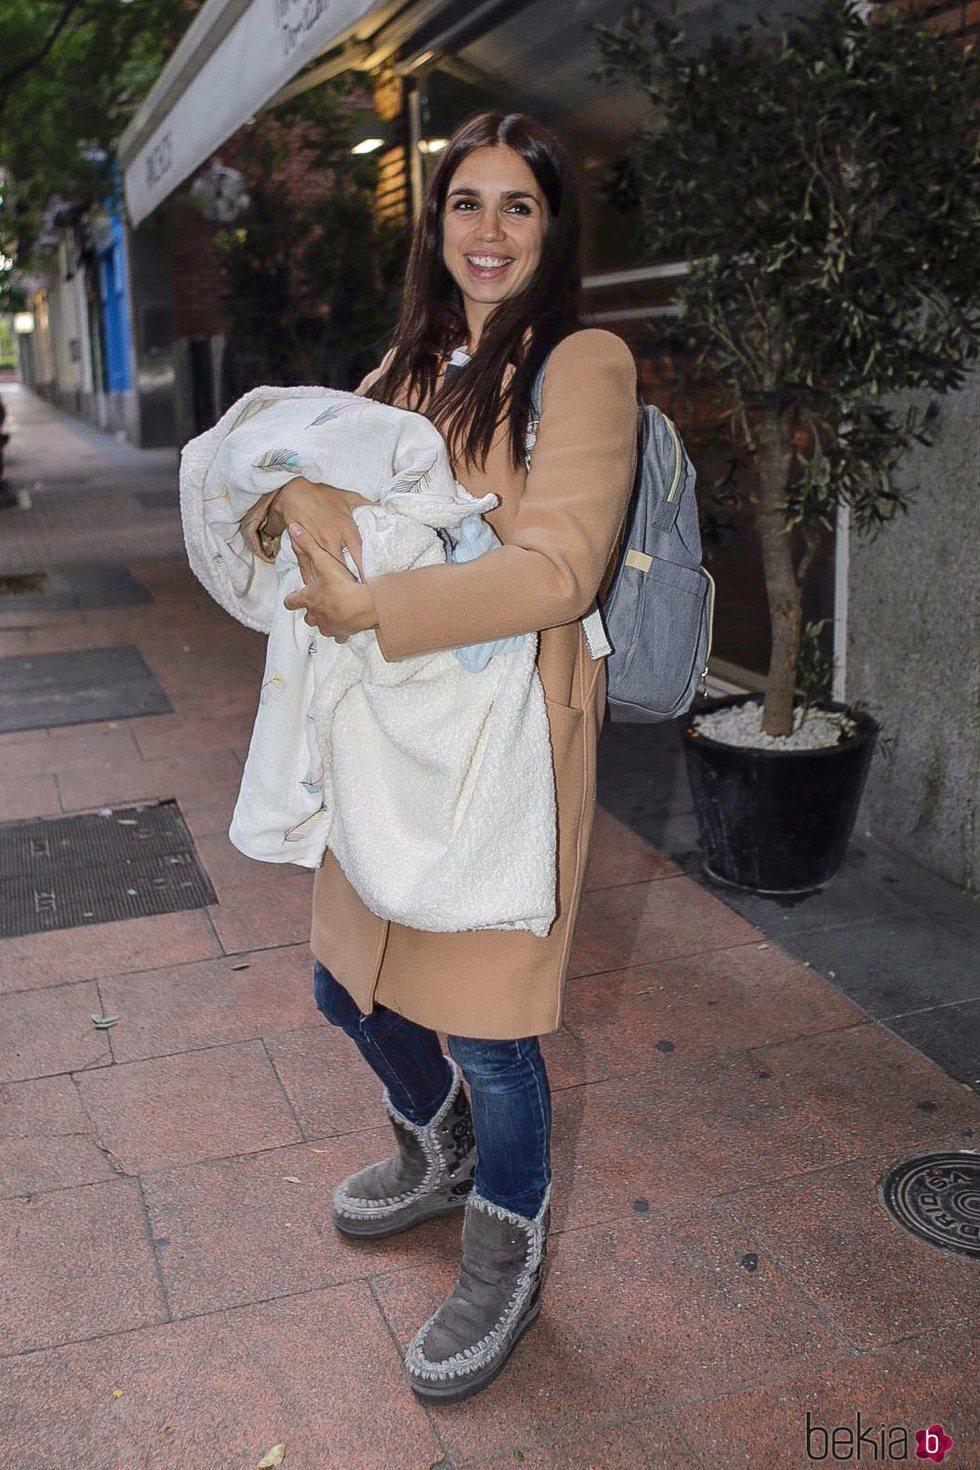 Elena Furiase sostiene a su hijo Noah en brazos